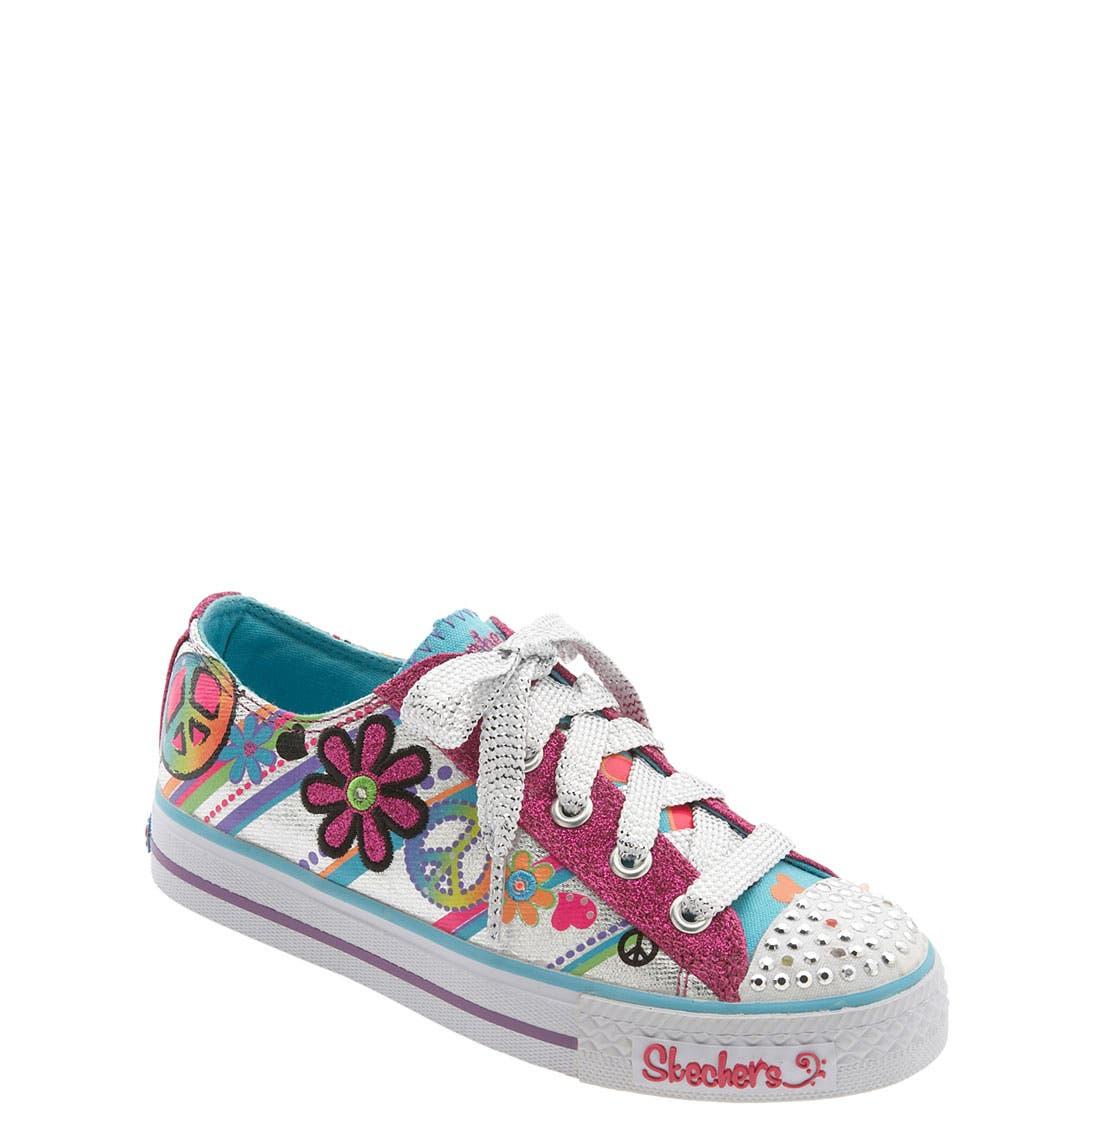 Alternate Image 1 Selected - SKECHERS 'Shuffles - Lights' Sneaker (Walker, Toddler & Little Kid)